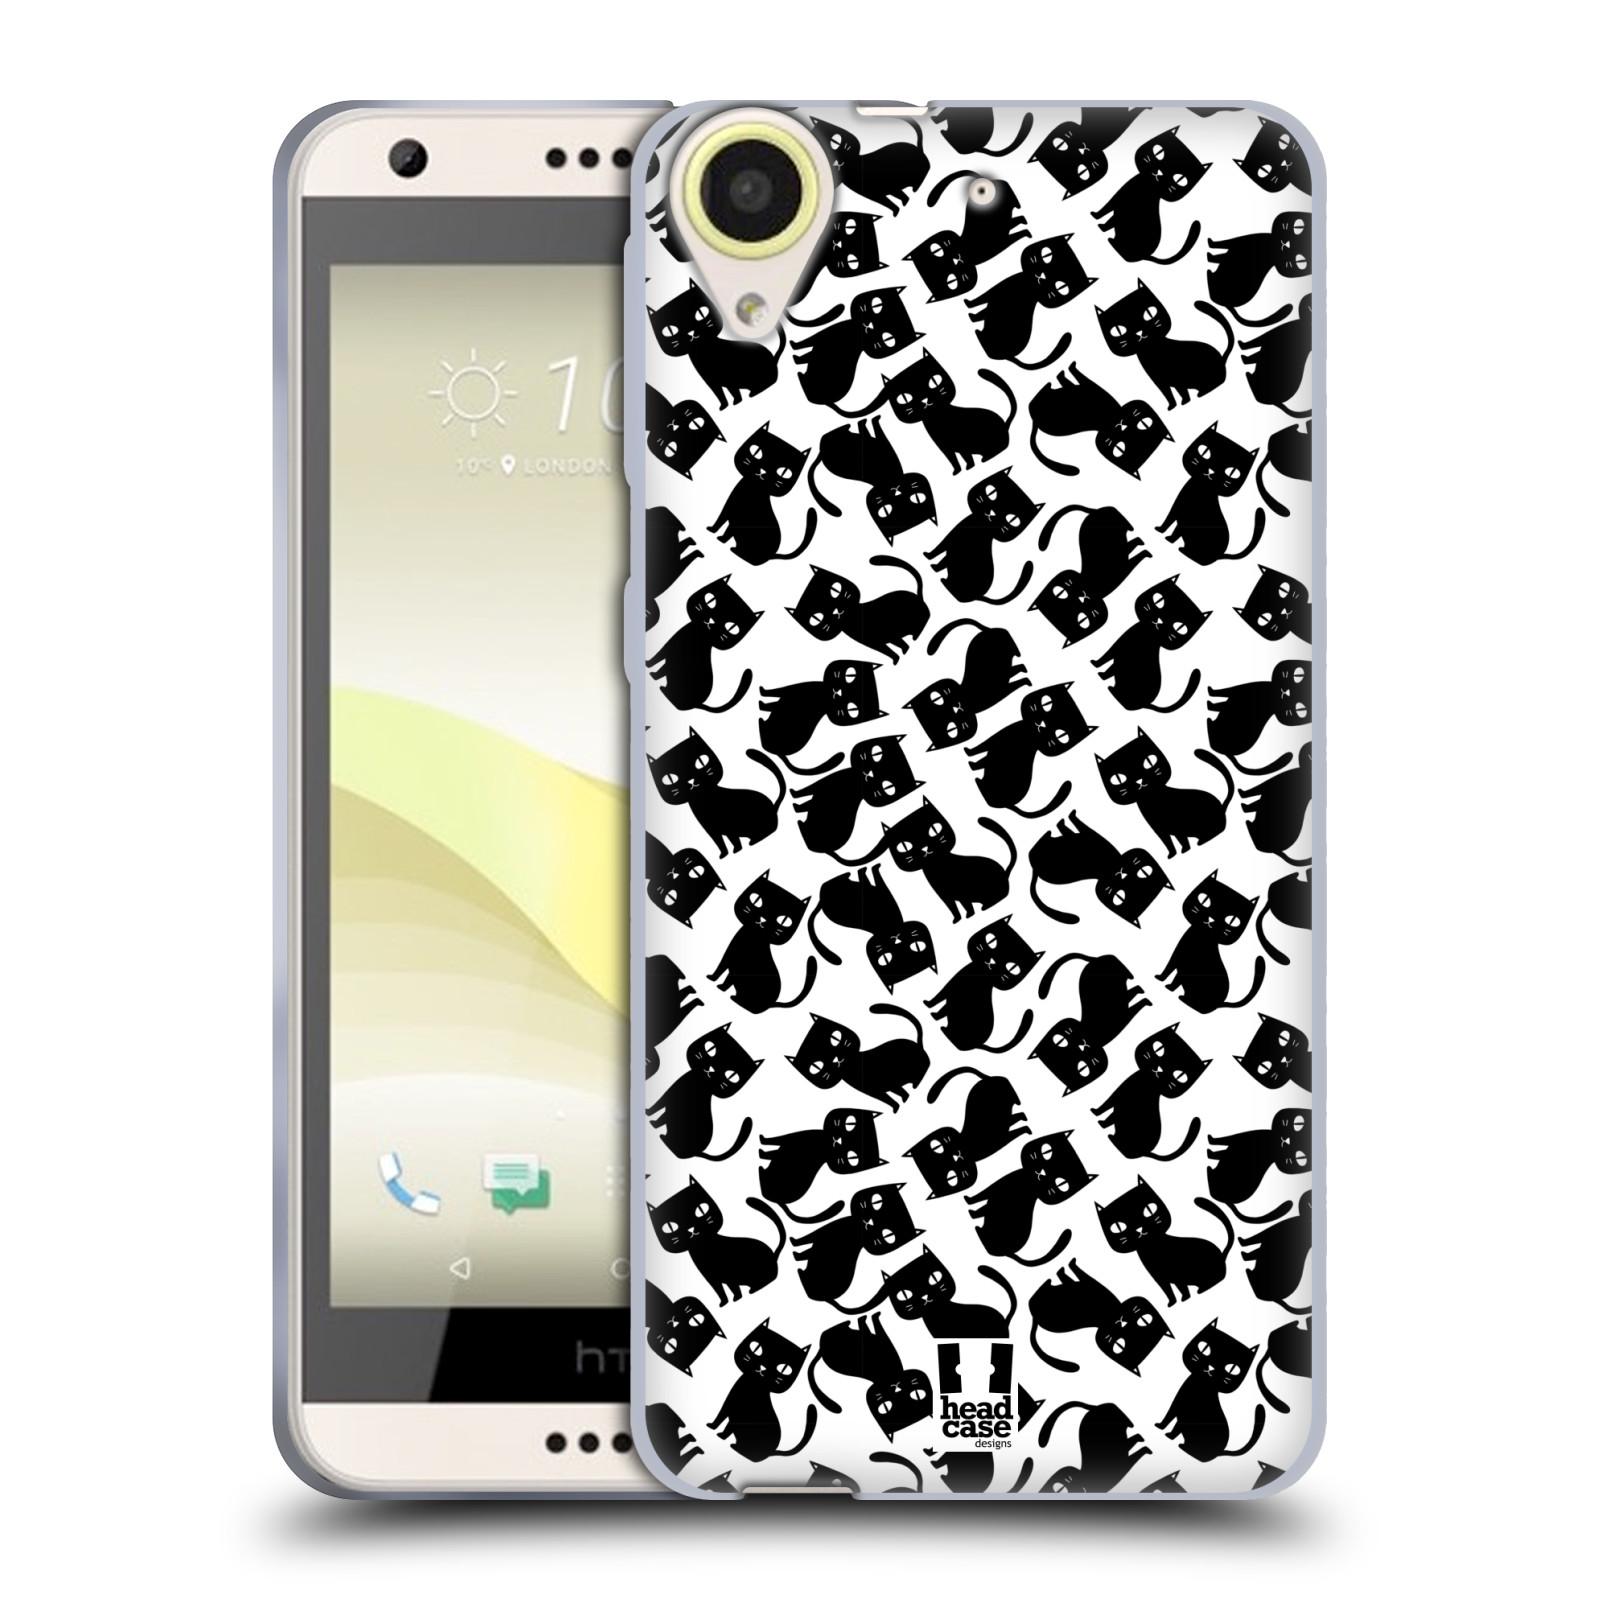 Silikonové pouzdro na mobil HTC Desire 650 HEAD CASE KOČKY Black Pattern (Silikonový kryt či obal na mobilní telefon HTC Desire 650)